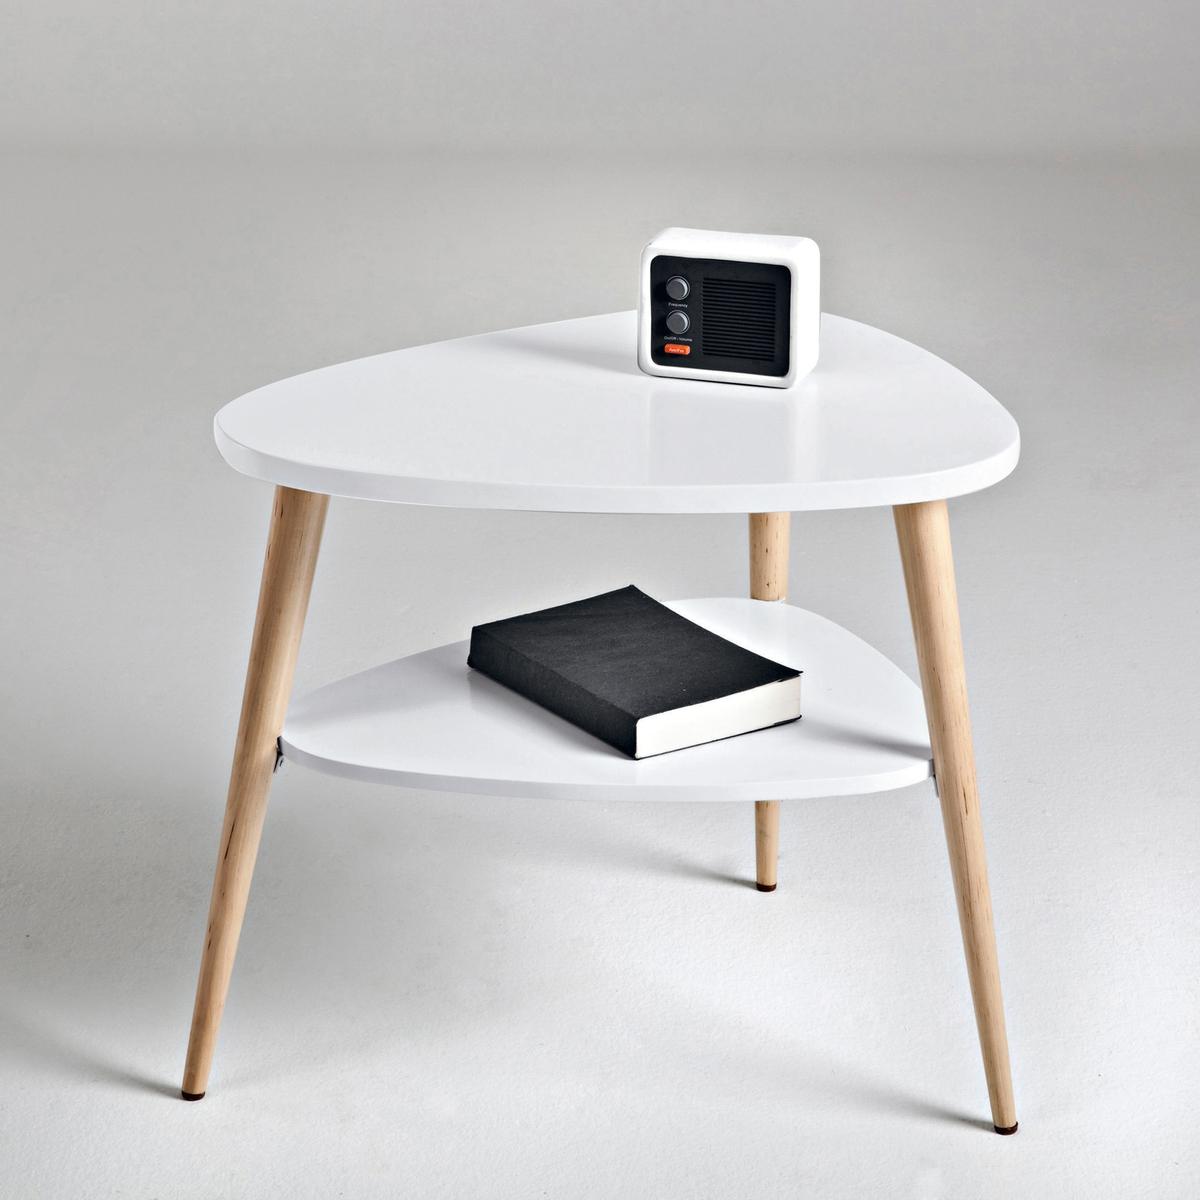 Тумба в винтажном стиле  JimiТумба в винтажном стиле  Jimi. тумба-низкий столик  Jimi понравится ценителям сдержанного дизайна и простоты.Описание тумбы Jimi :Ножки из массива березы с  лаковым покрытием.Верх из  МДФ с лаковым покрытием белого цветаПисьменный стол и другие  модели  Jimi на сайте laredoute .ru .Размеры :Длина : 55 смВысота : 49 смГлубина : 42 см<br><br>Цвет: белый,горчичный,розовый,сине-зеленый,темно-зеленый<br>Размер: единый размер.единый размер.единый размер